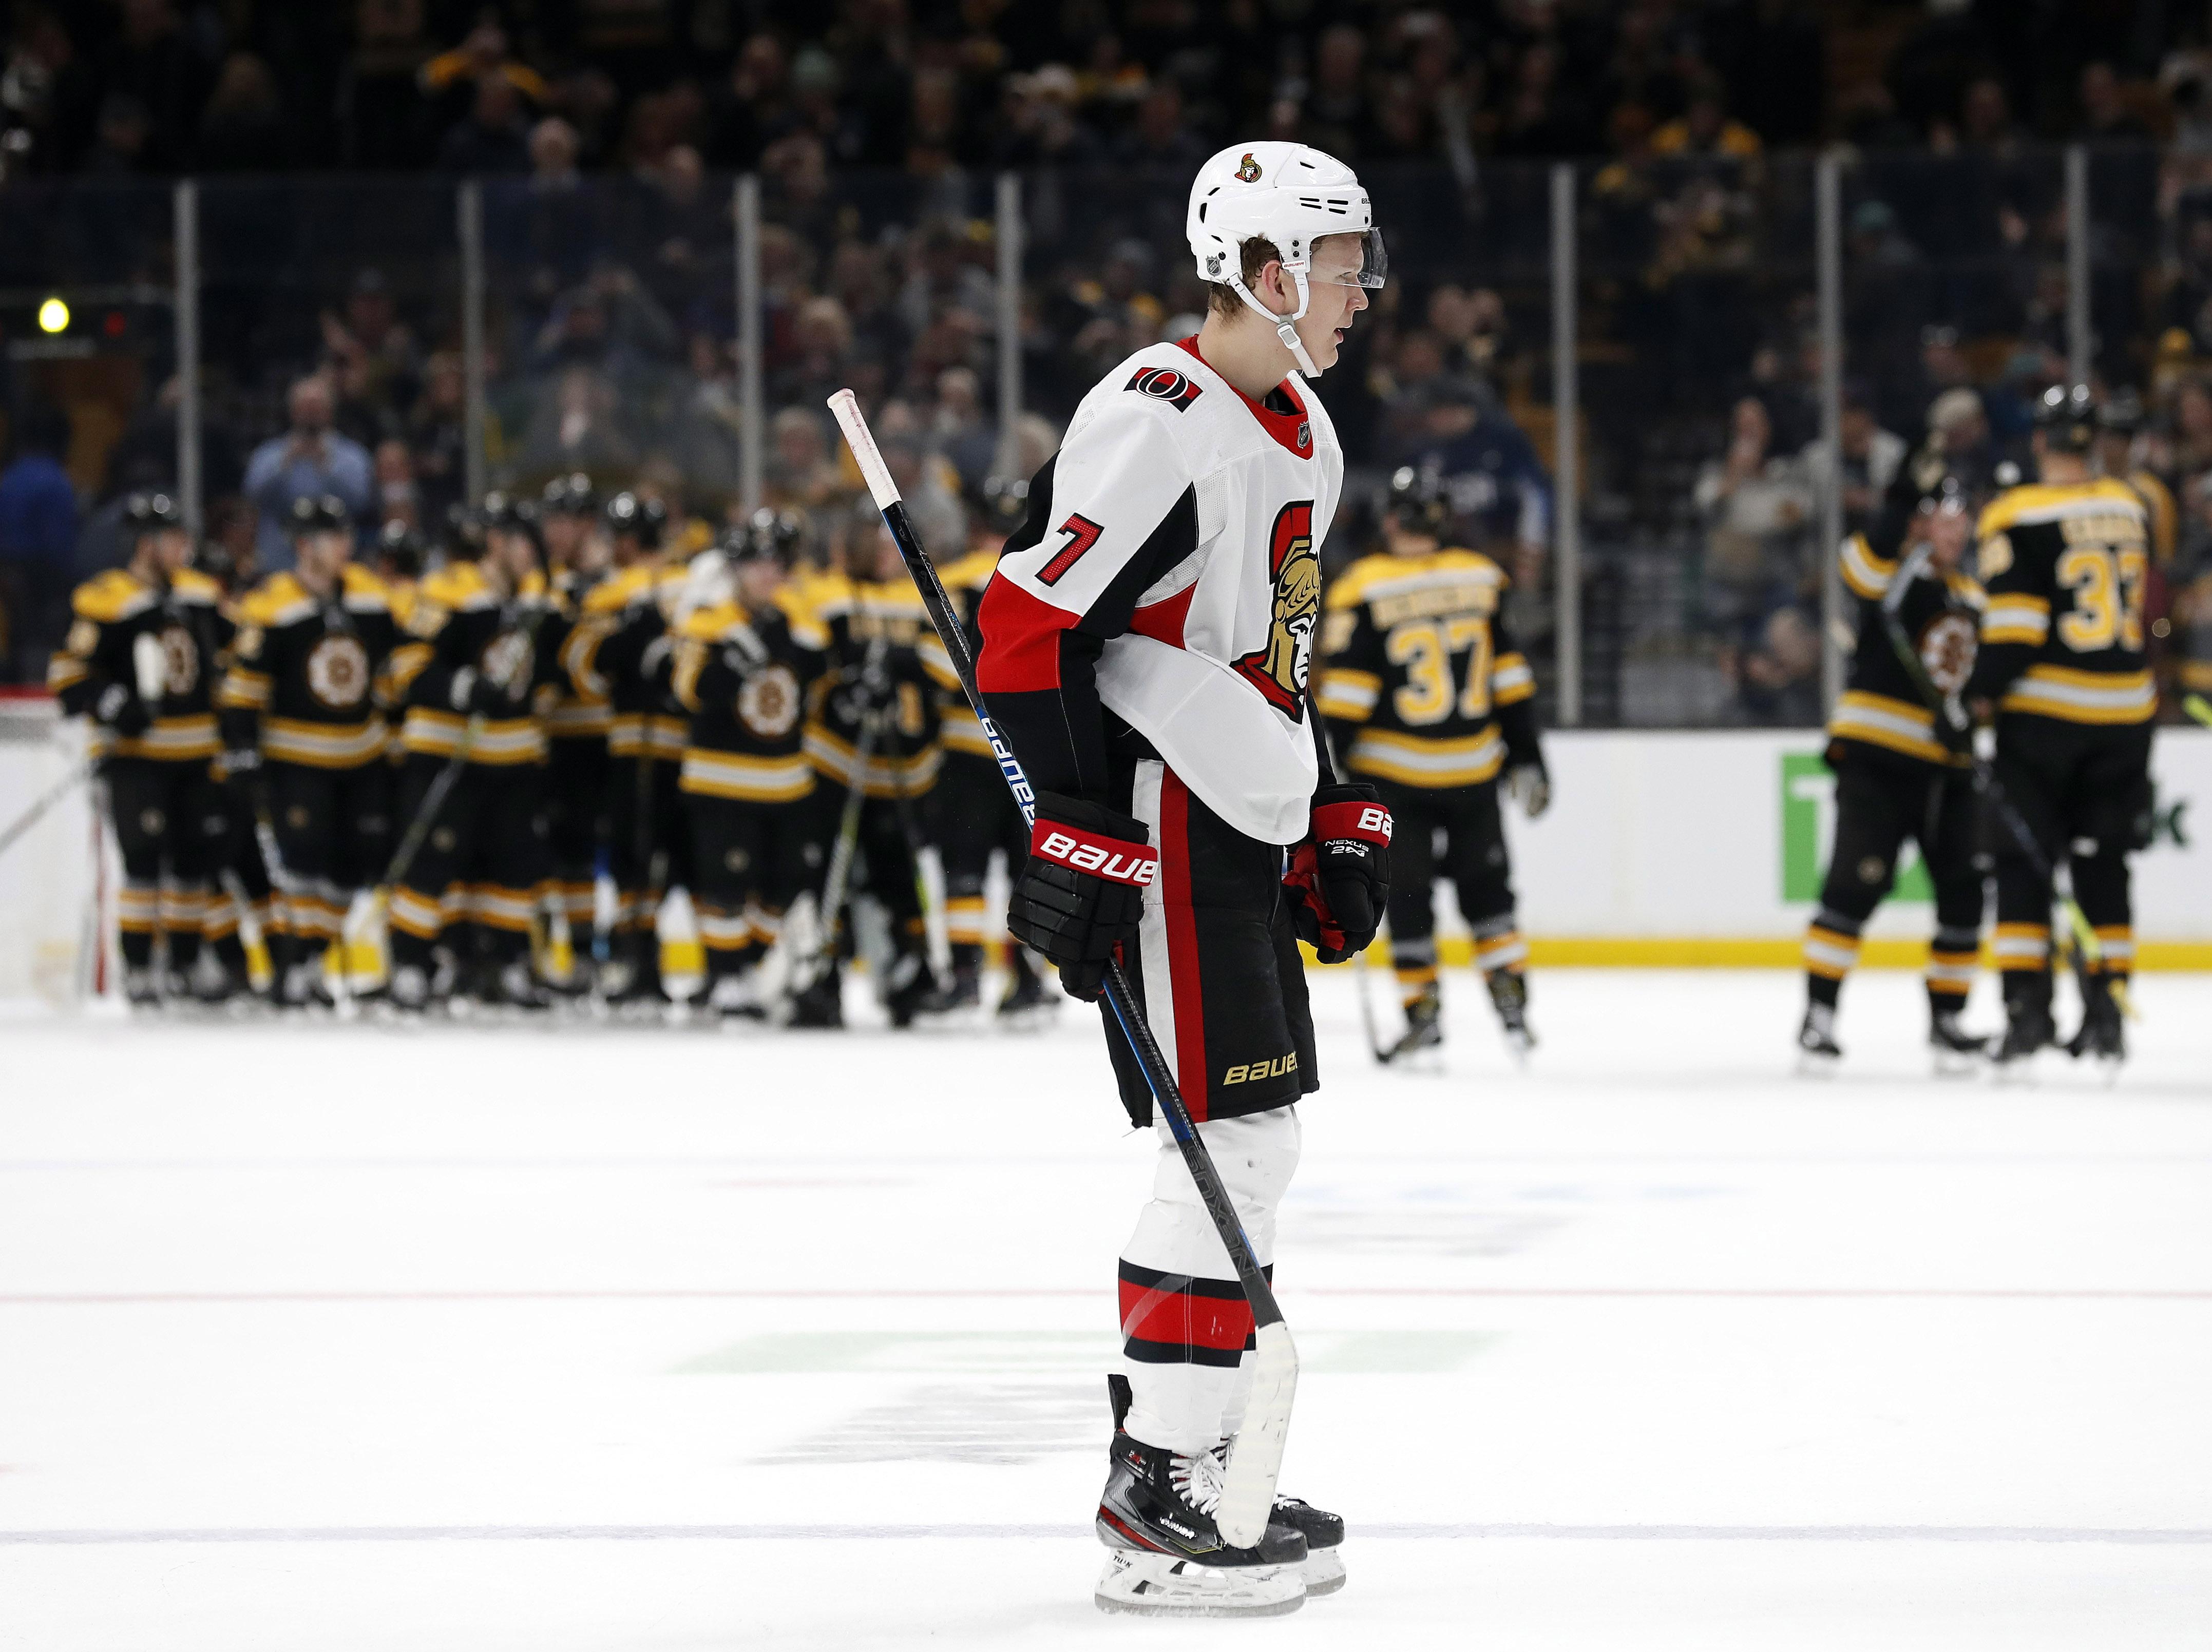 NHL: Ottawa Senators at Boston Bruins